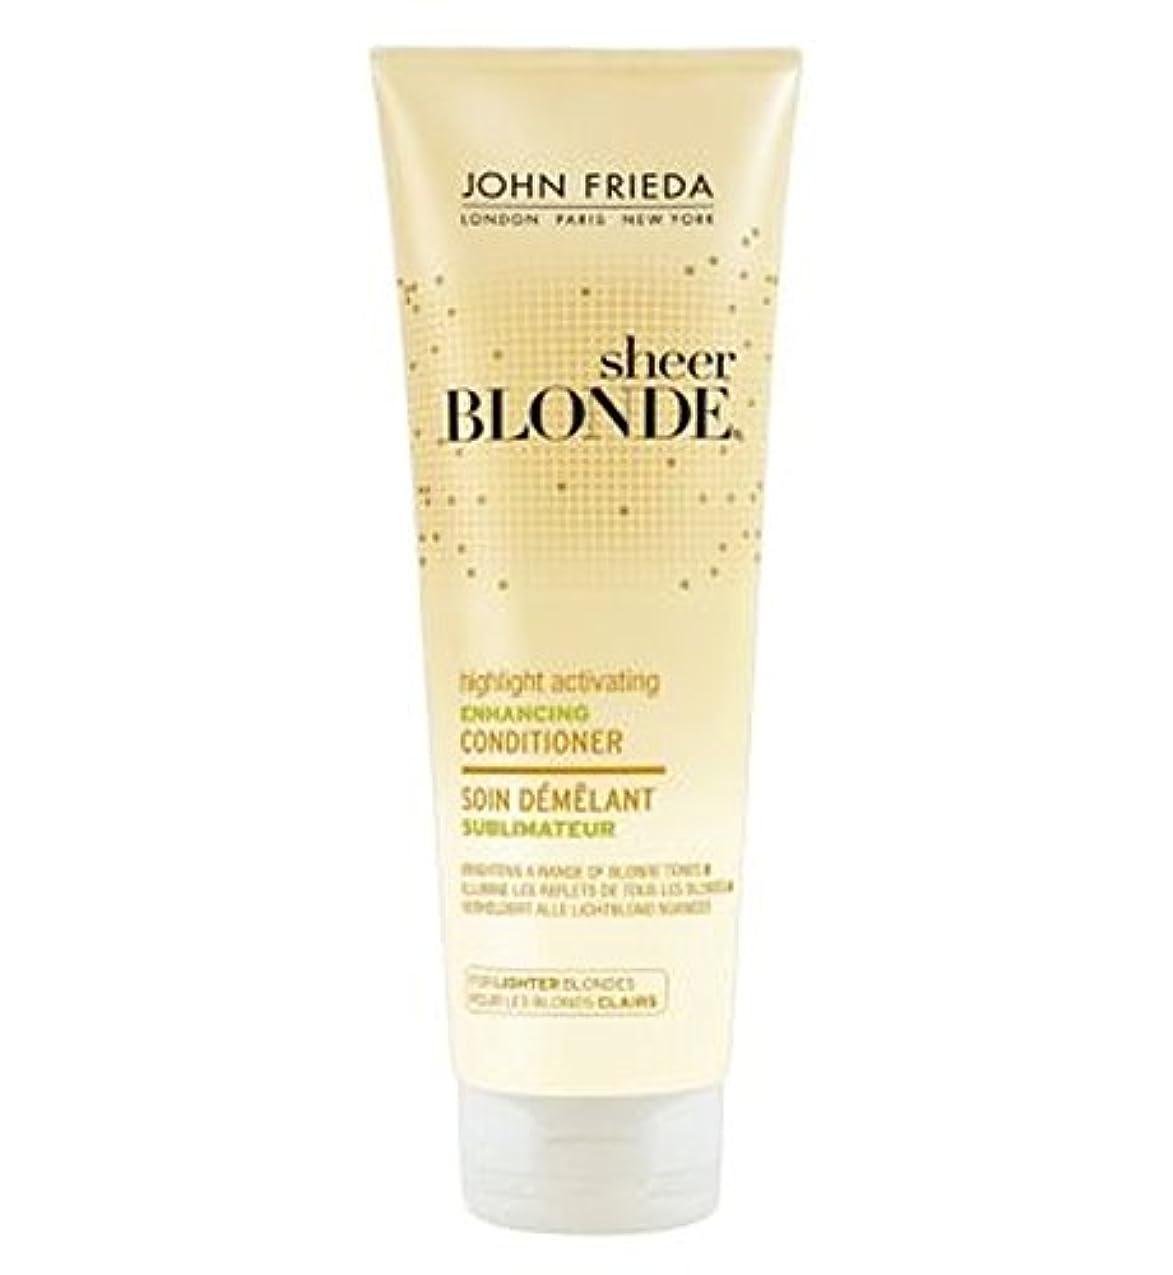 ゴネリル効能あるエキサイティングJohn Frieda Sheer Blonde Highlight Activating Enhancing Conditioner for Lighter Blondes 250ml - 軽いブロンドの250ミリリットル...